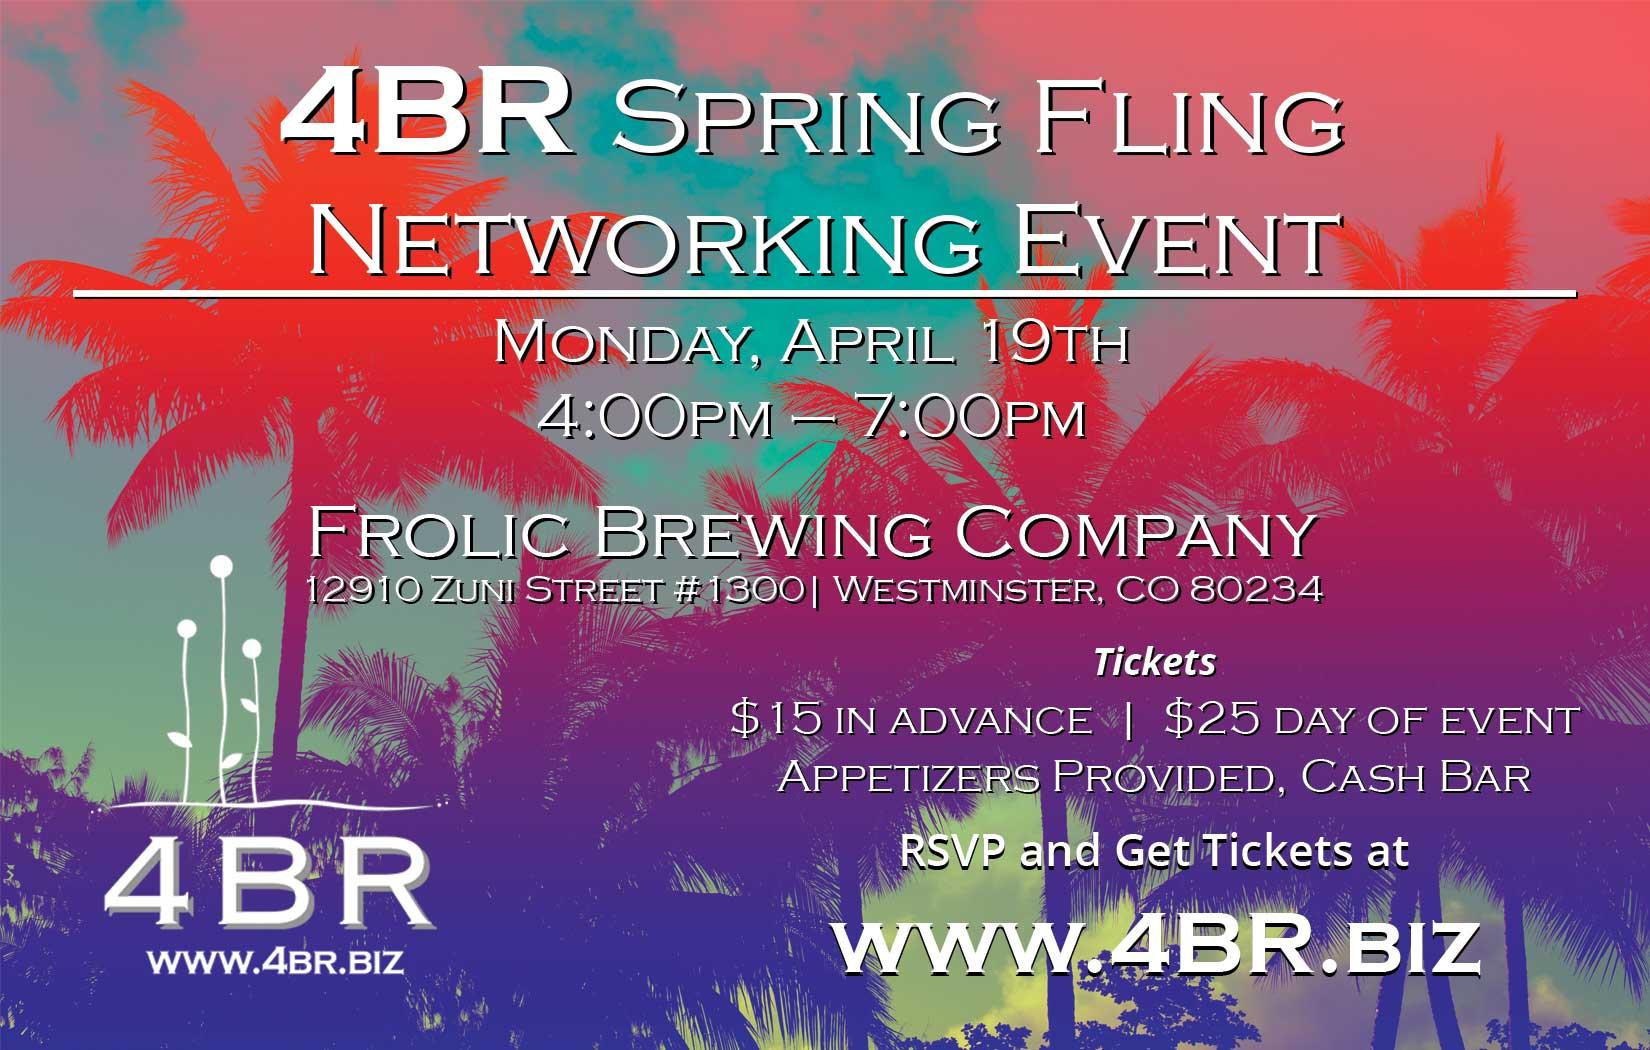 Spring-Fling-postcard-no-sponsor-2021